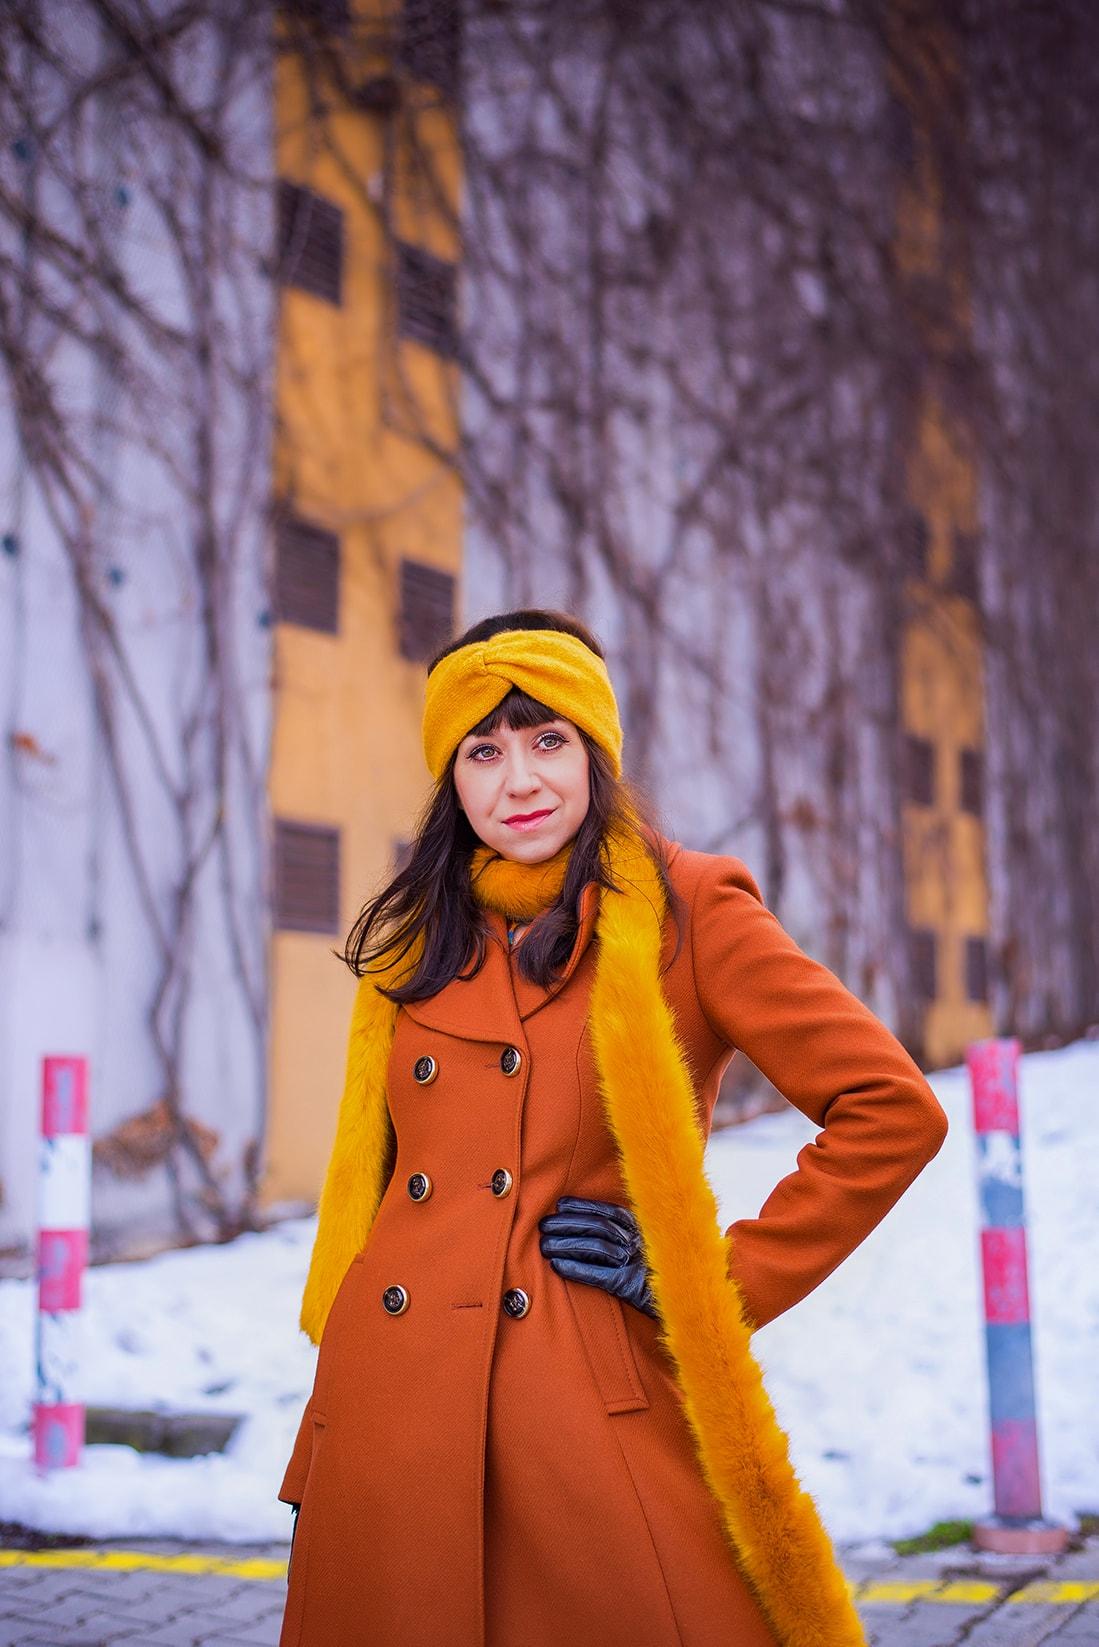 NEUVERÍTE, VĎAKA KTORÉMU KÚSKU DOKÁŽETE BYŤ ŽENSKEJŠIA_Katharine-fashion is beautiful_blog 9_Šifónové kvetované šaty_Katarína Jakubčová_Fashion blogerka